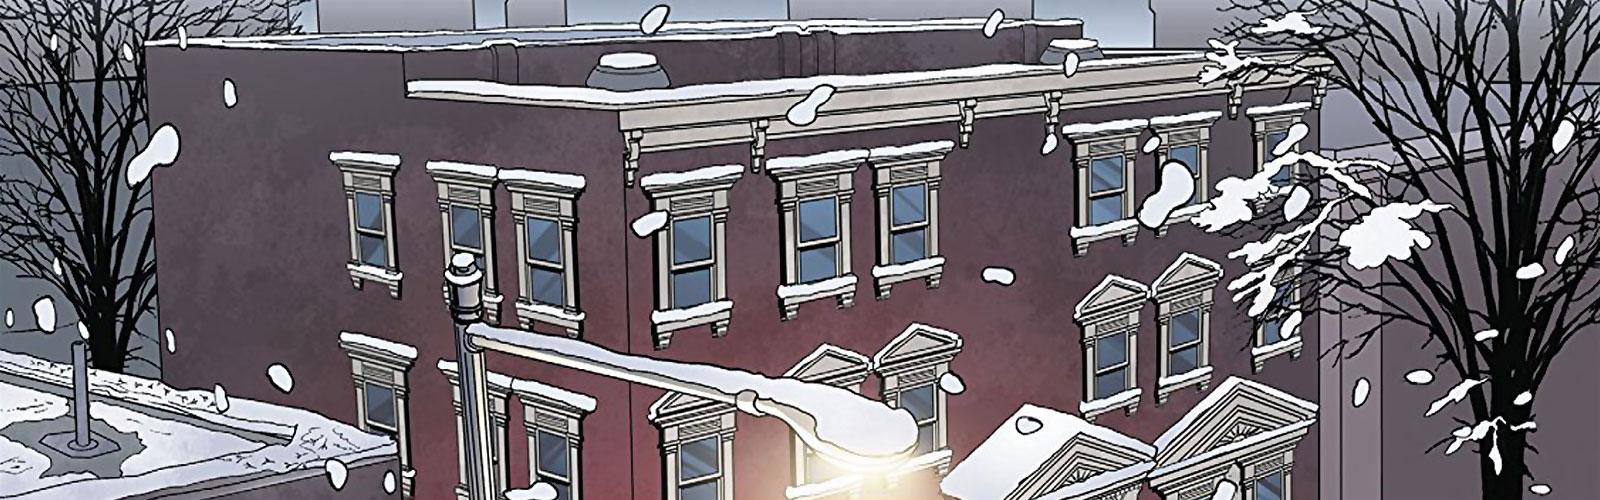 Astro City (2013-) #50